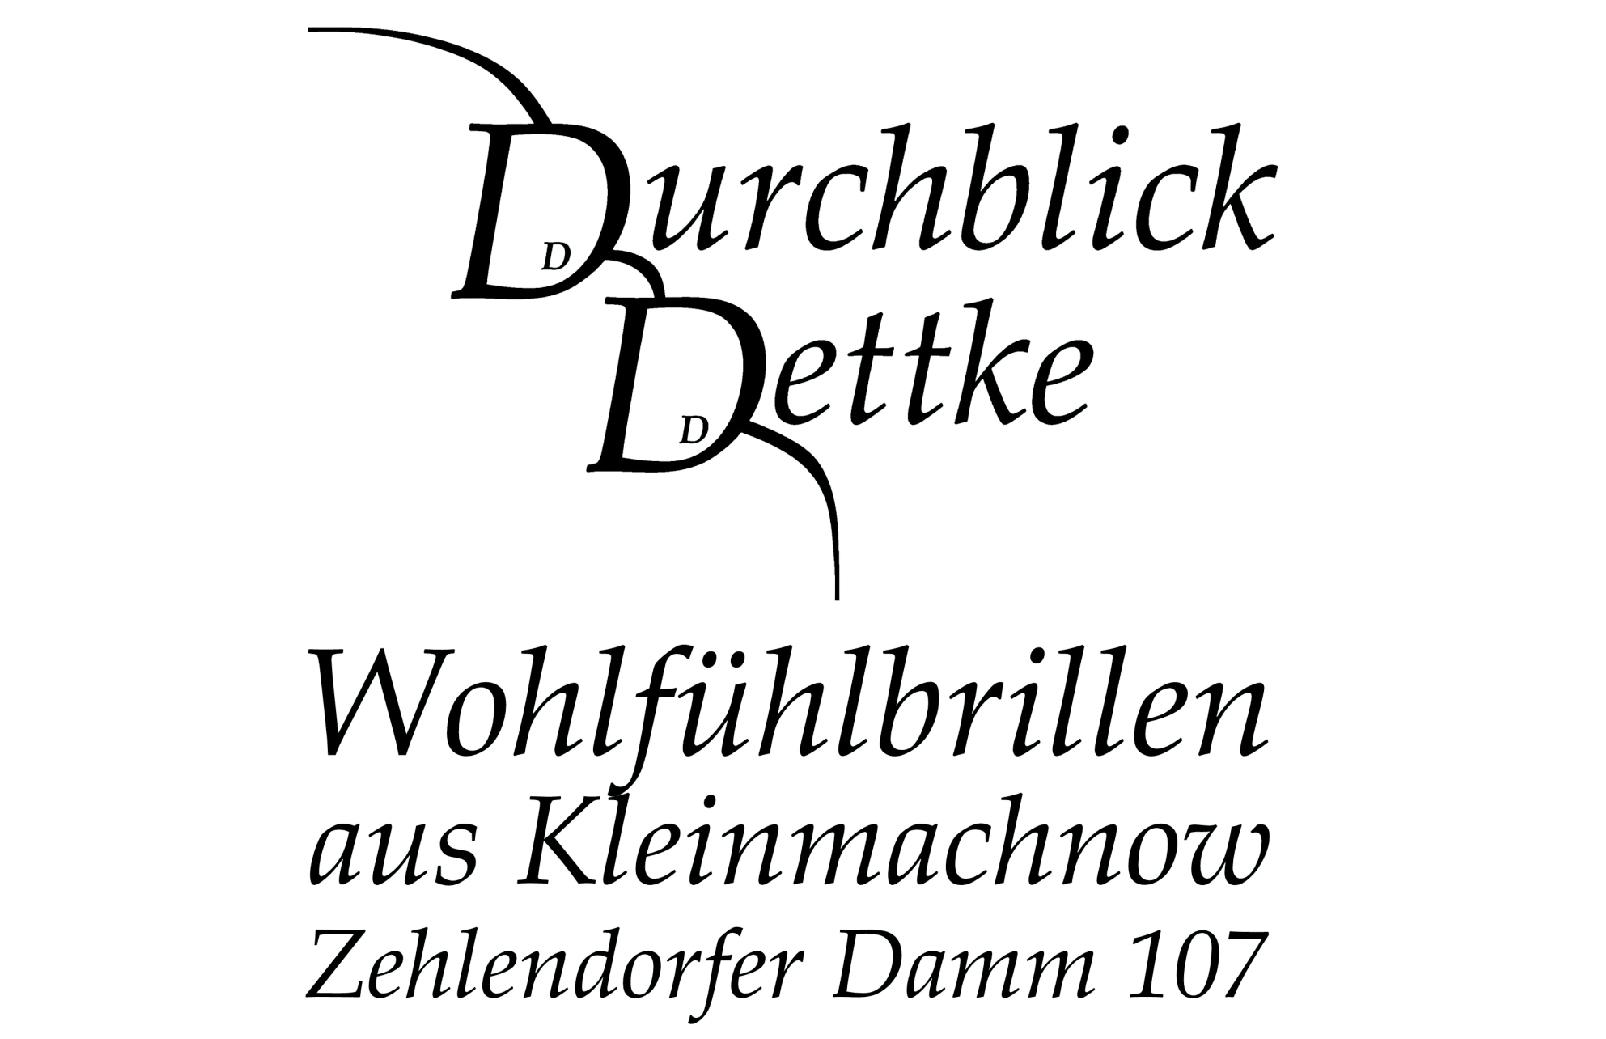 Durchblick Dettke